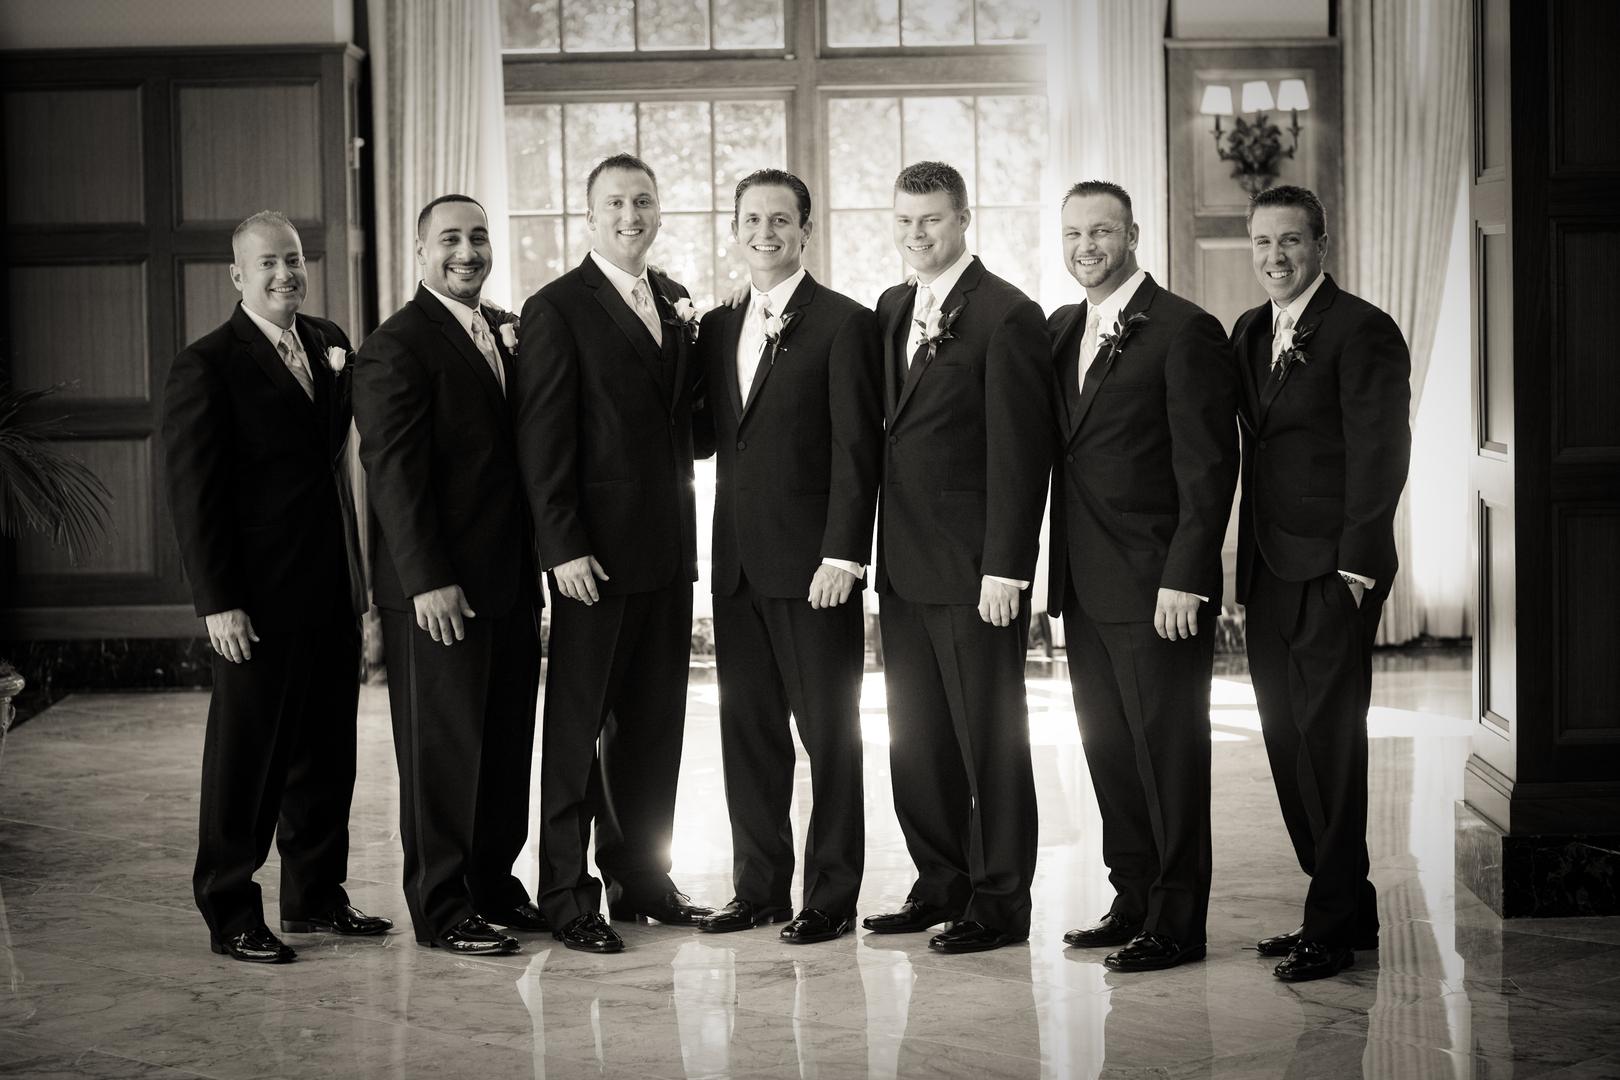 Wesner Tuxedo - Wedding Tuxedos, White Tuxedo, Grey Tuxedo